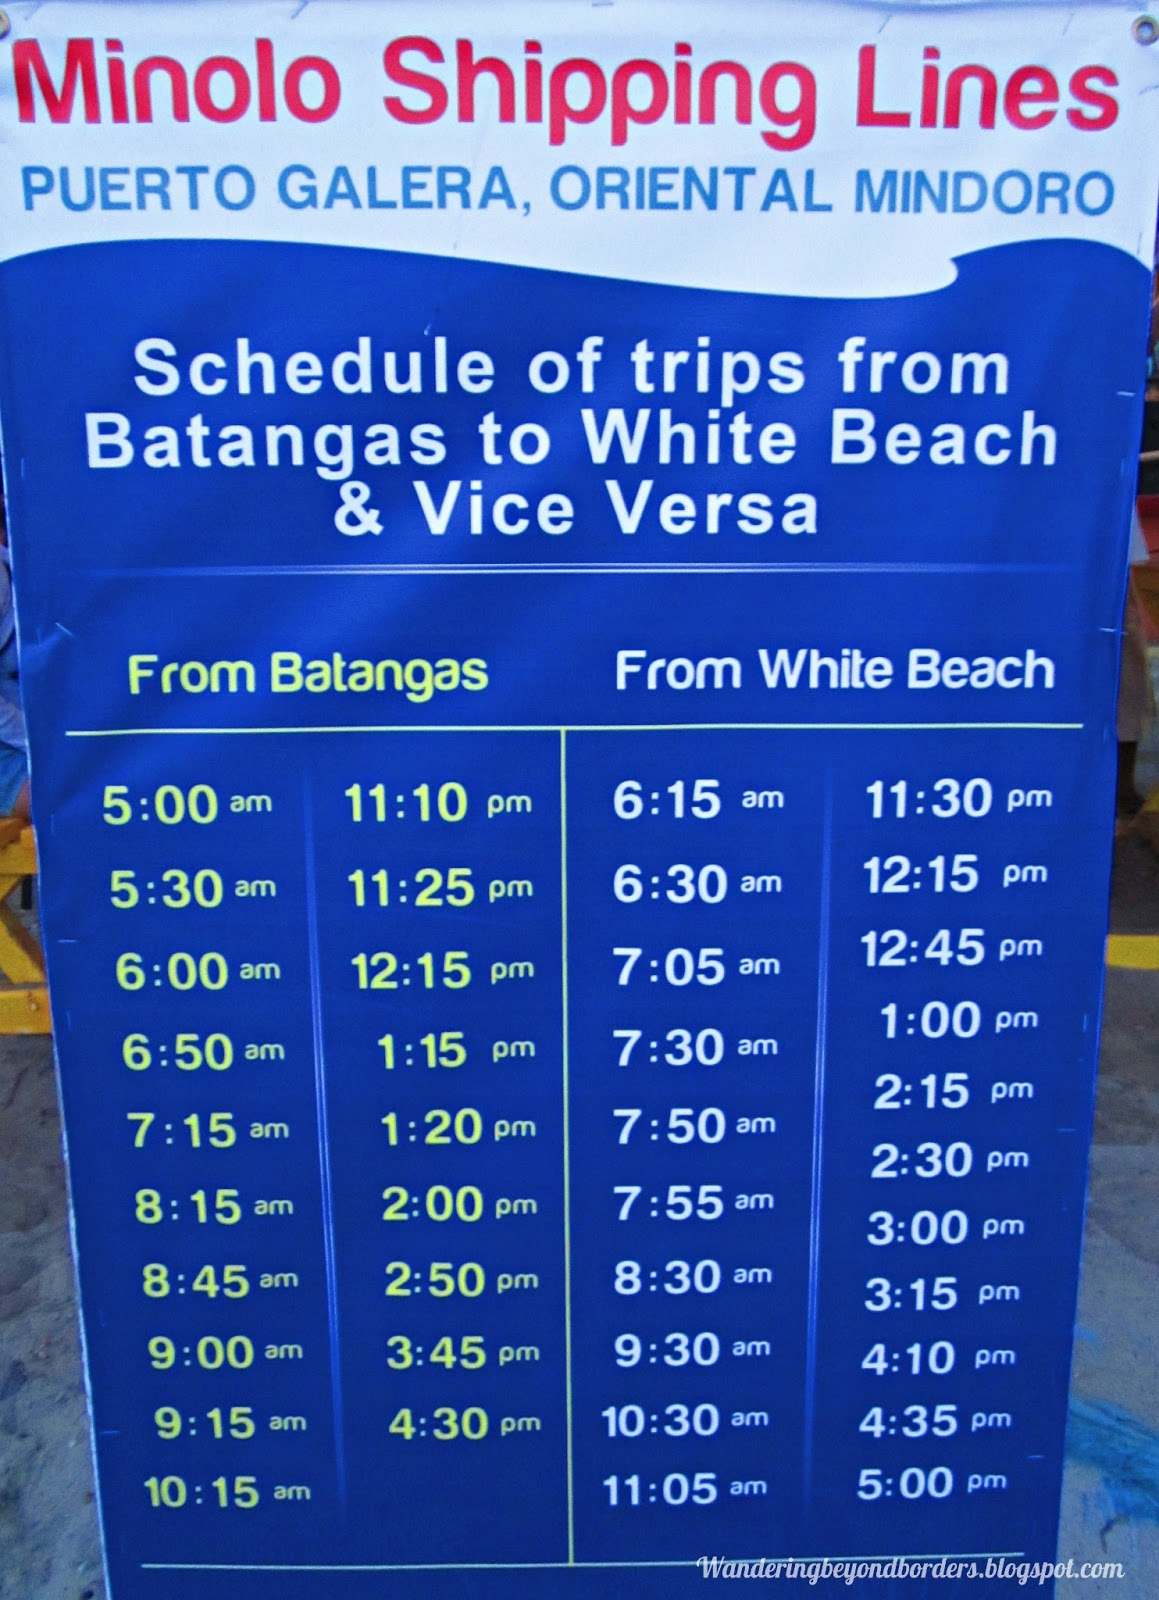 Wandering Beyond Borders Puerto Galera 24 Hours Of Bliss